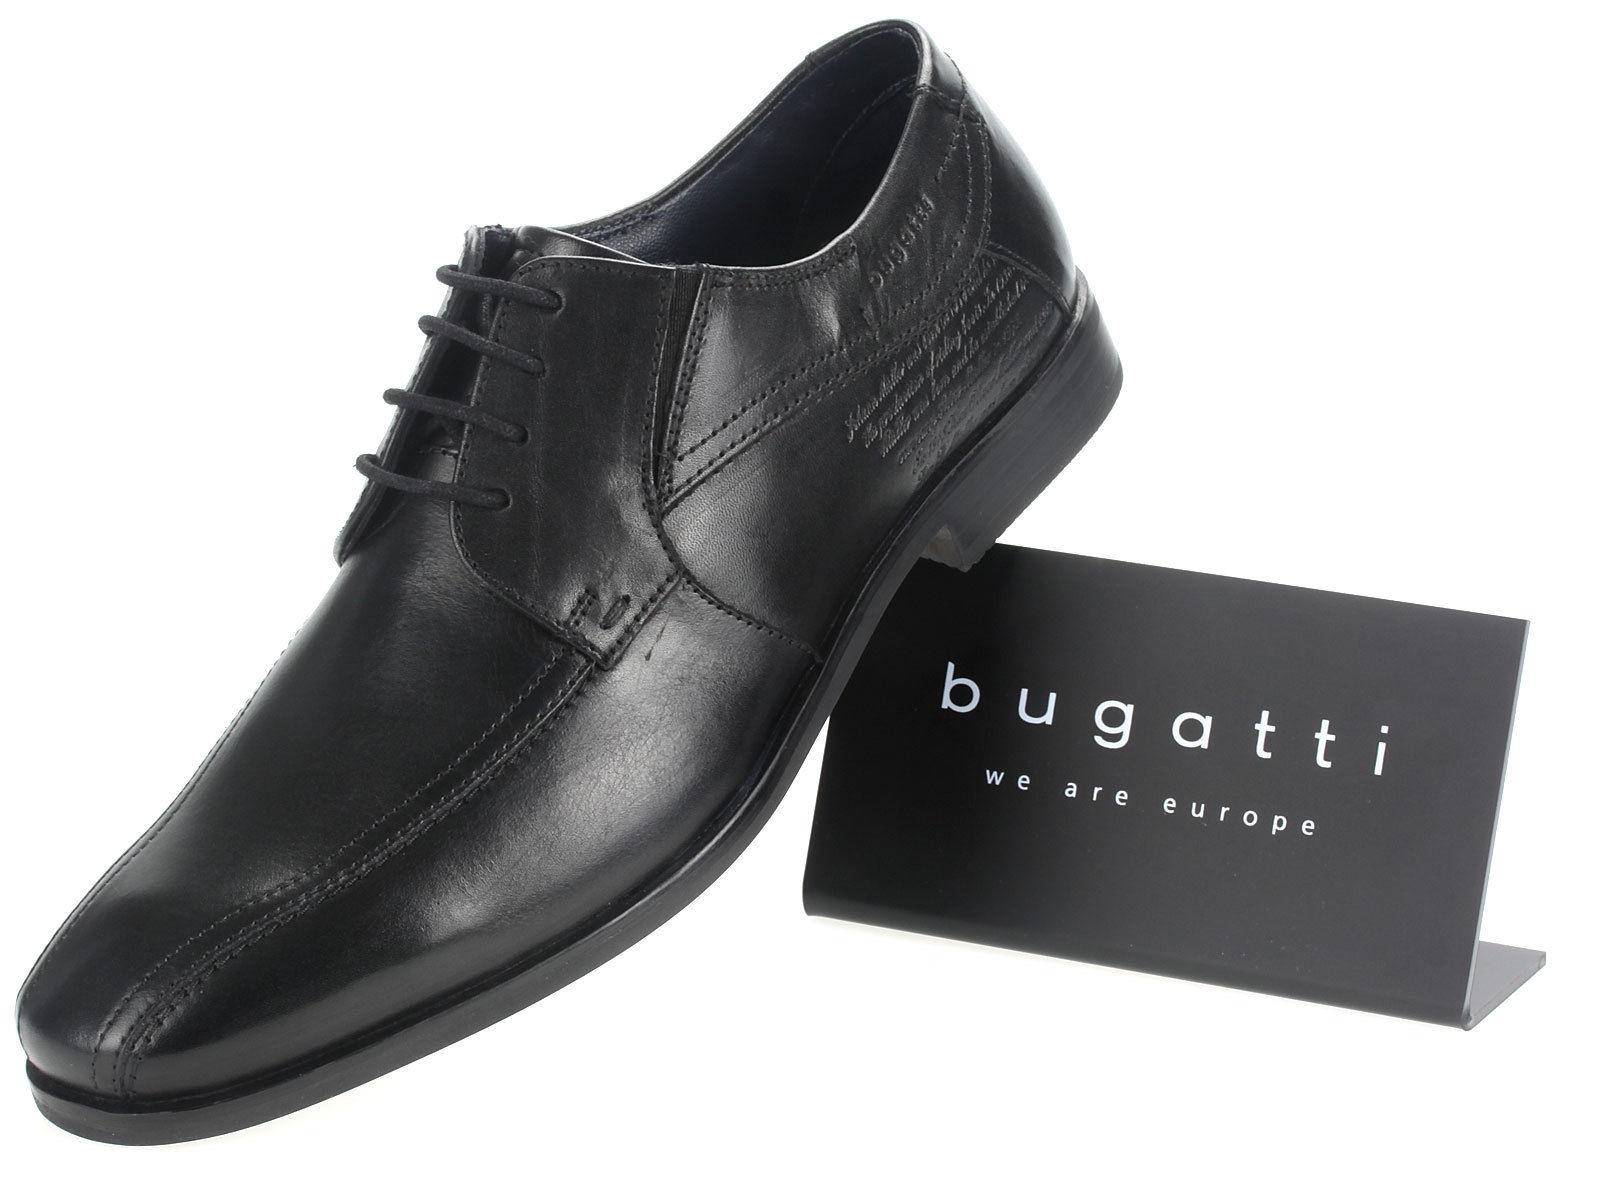 Details zu Bugatti Herren Leder Halbschuhe Business Schuhe Schnürer 15470 schwarz Gr. 41